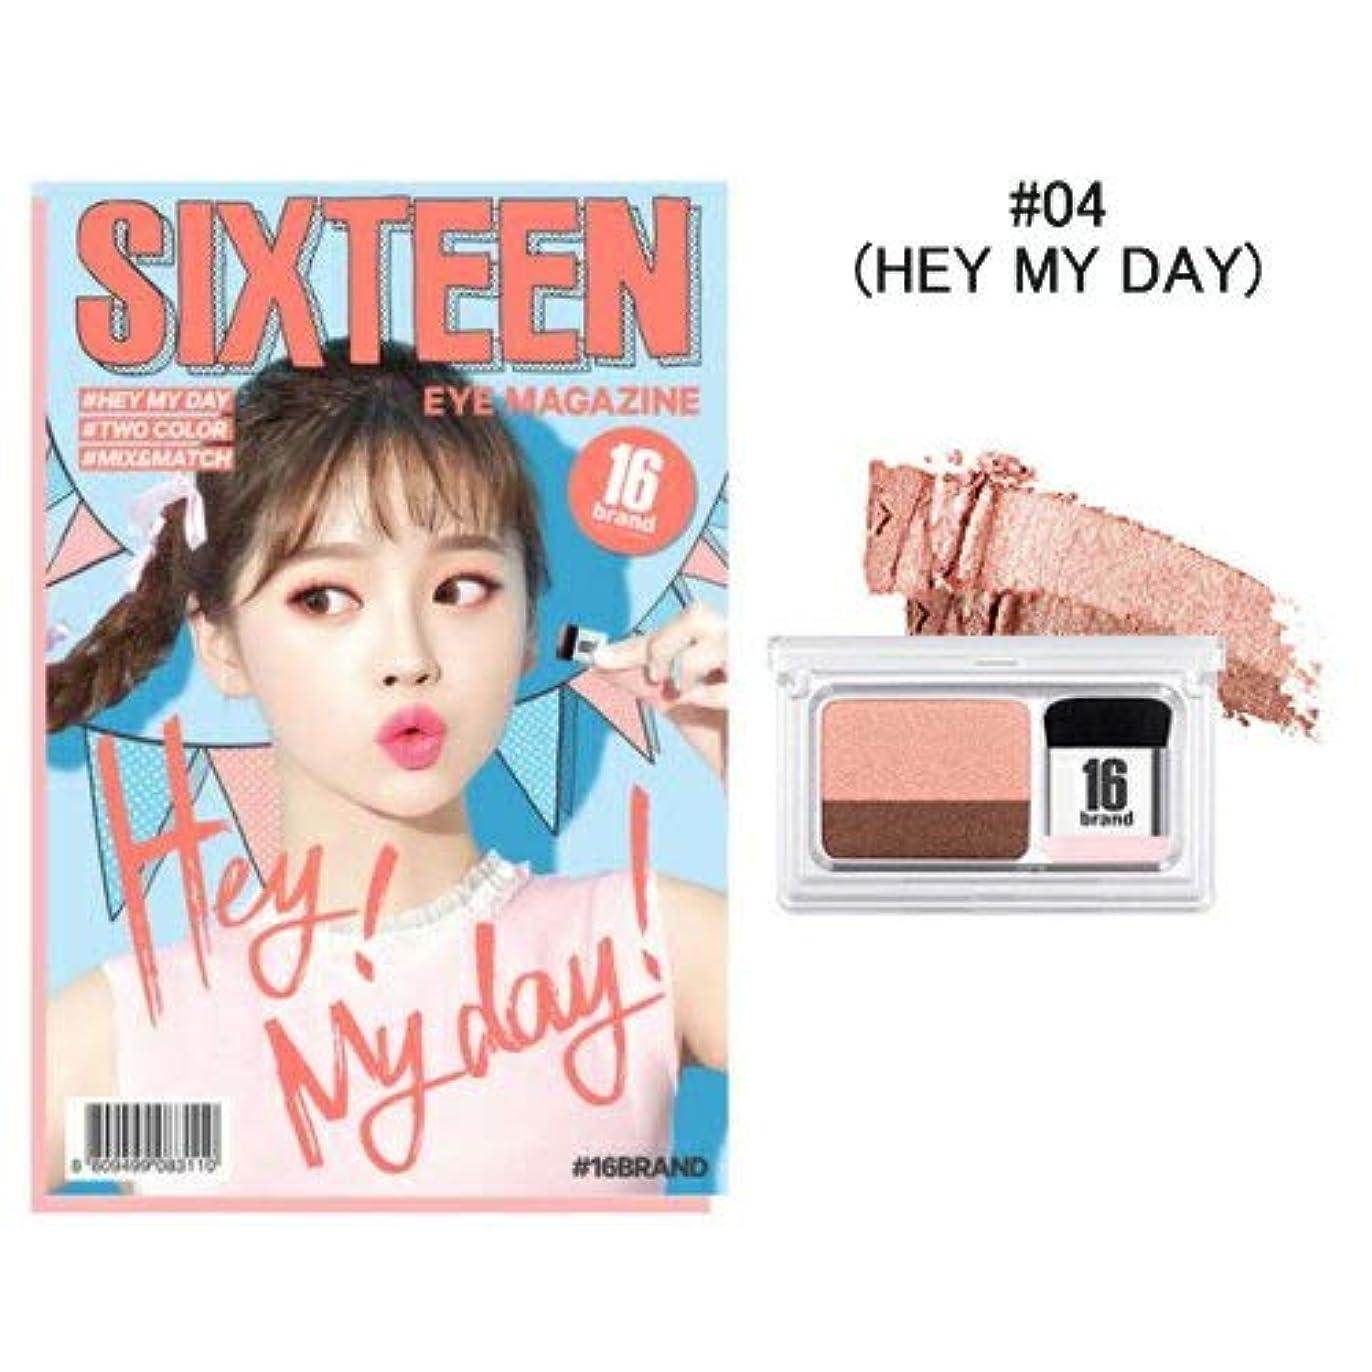 証拠思いつくシュリンク[New Color] 16brand Sixteen Eye Magazine 2g /16ブランド シックスティーン アイ マガジン 2g (#04 HEY MY DAY) [並行輸入品]